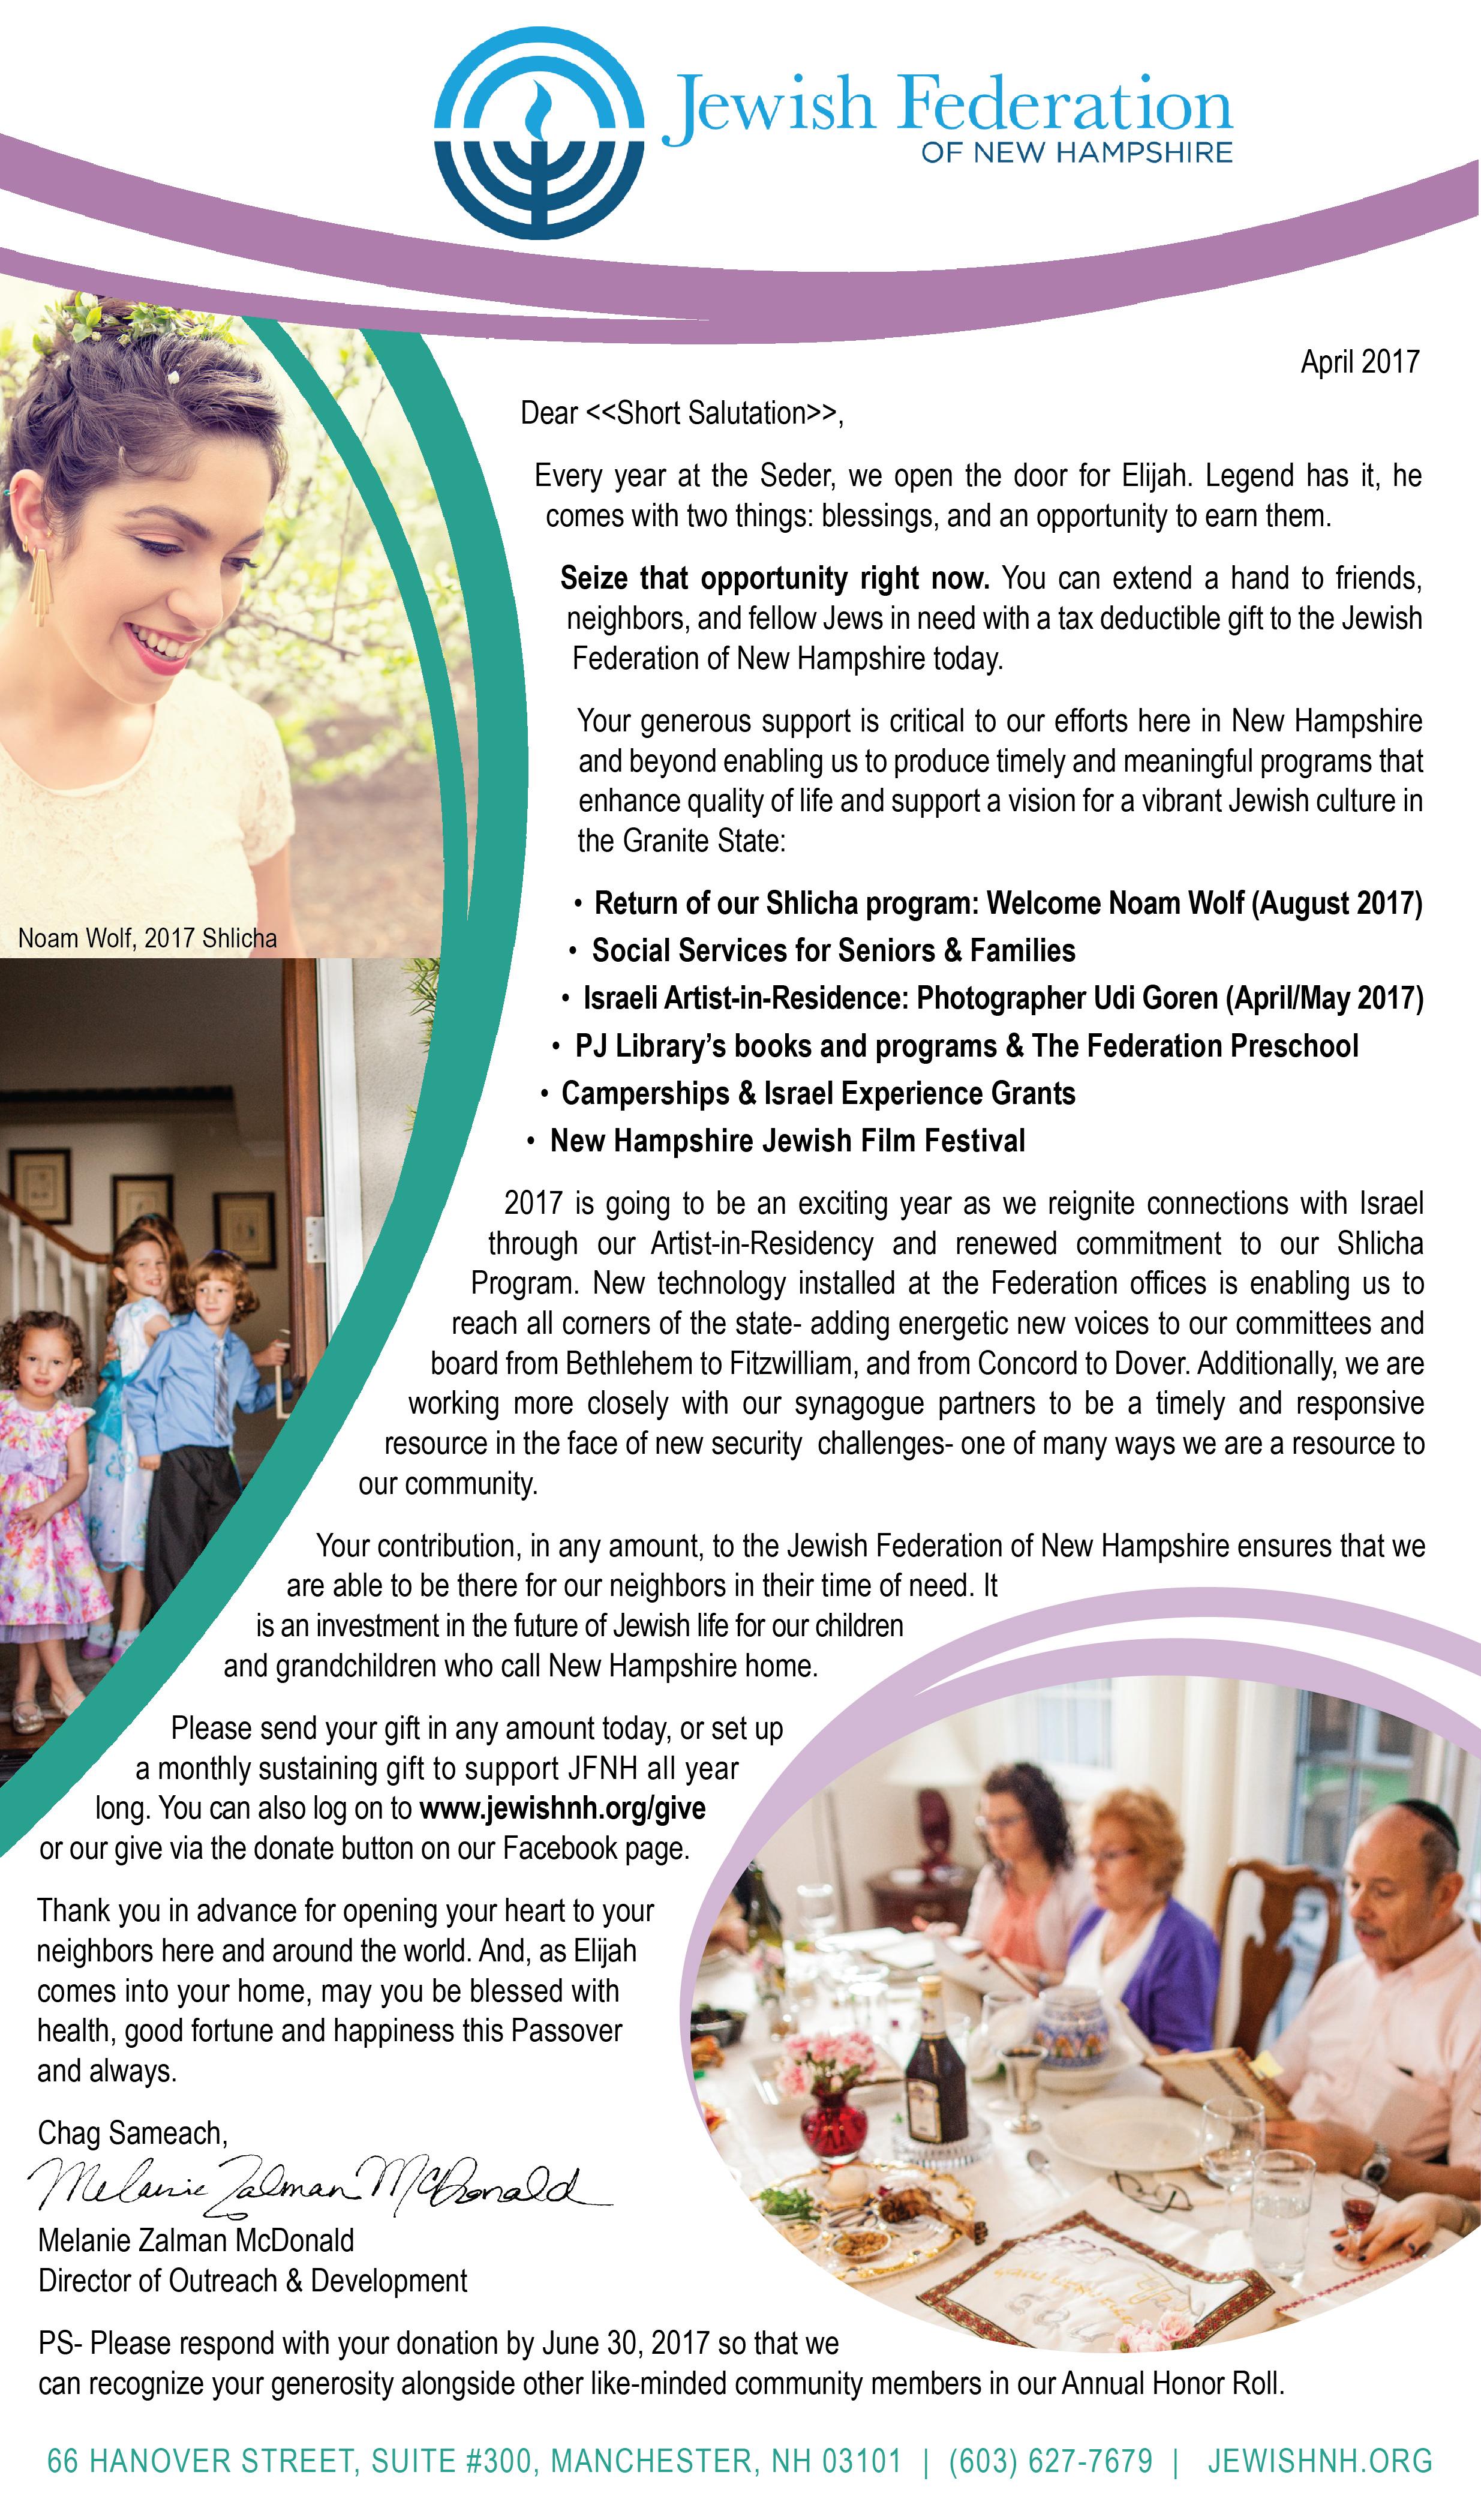 JFNH-Appeal-Letter-April2017-Draft5-01.jpg